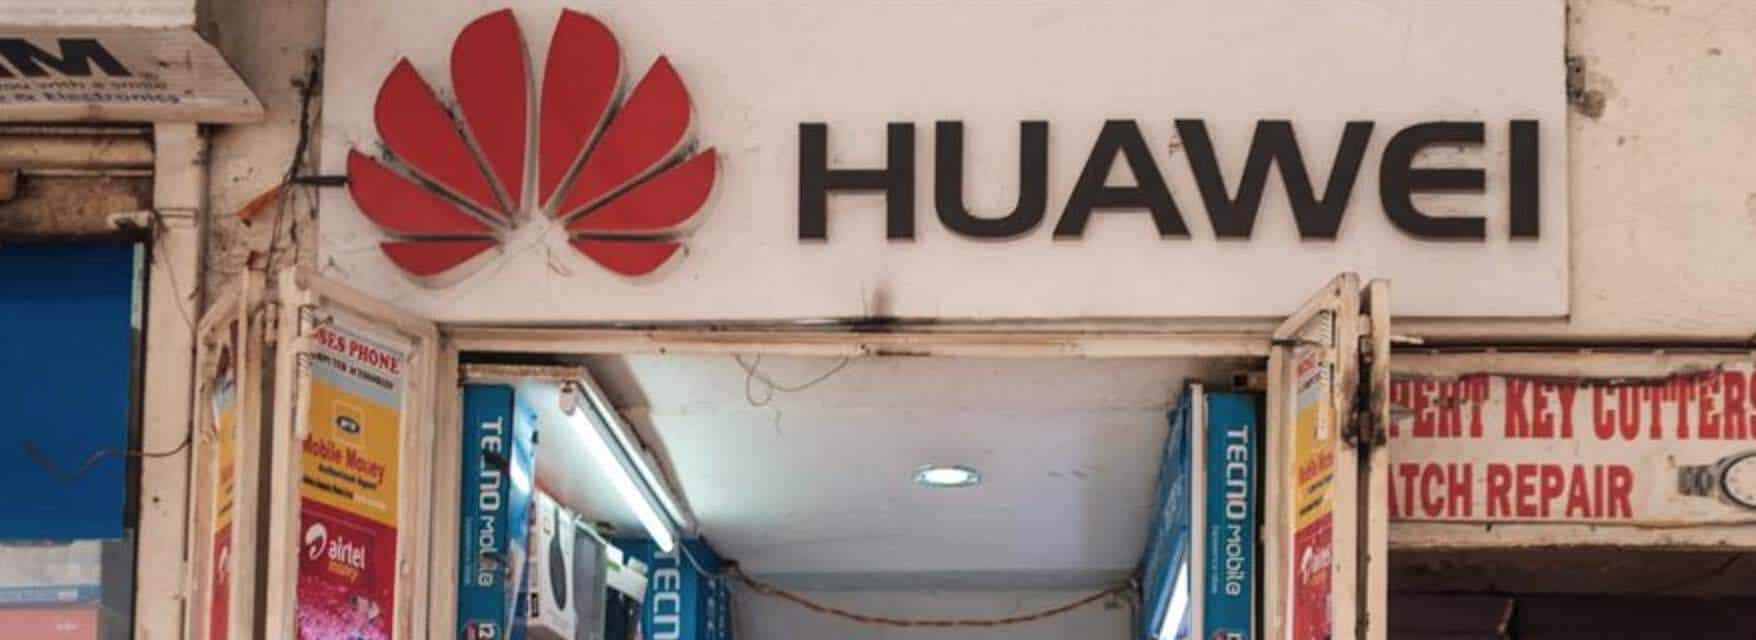 Huawei je údajně zapojen do vládních sil kybernetické bezpečnosti v Ugandě